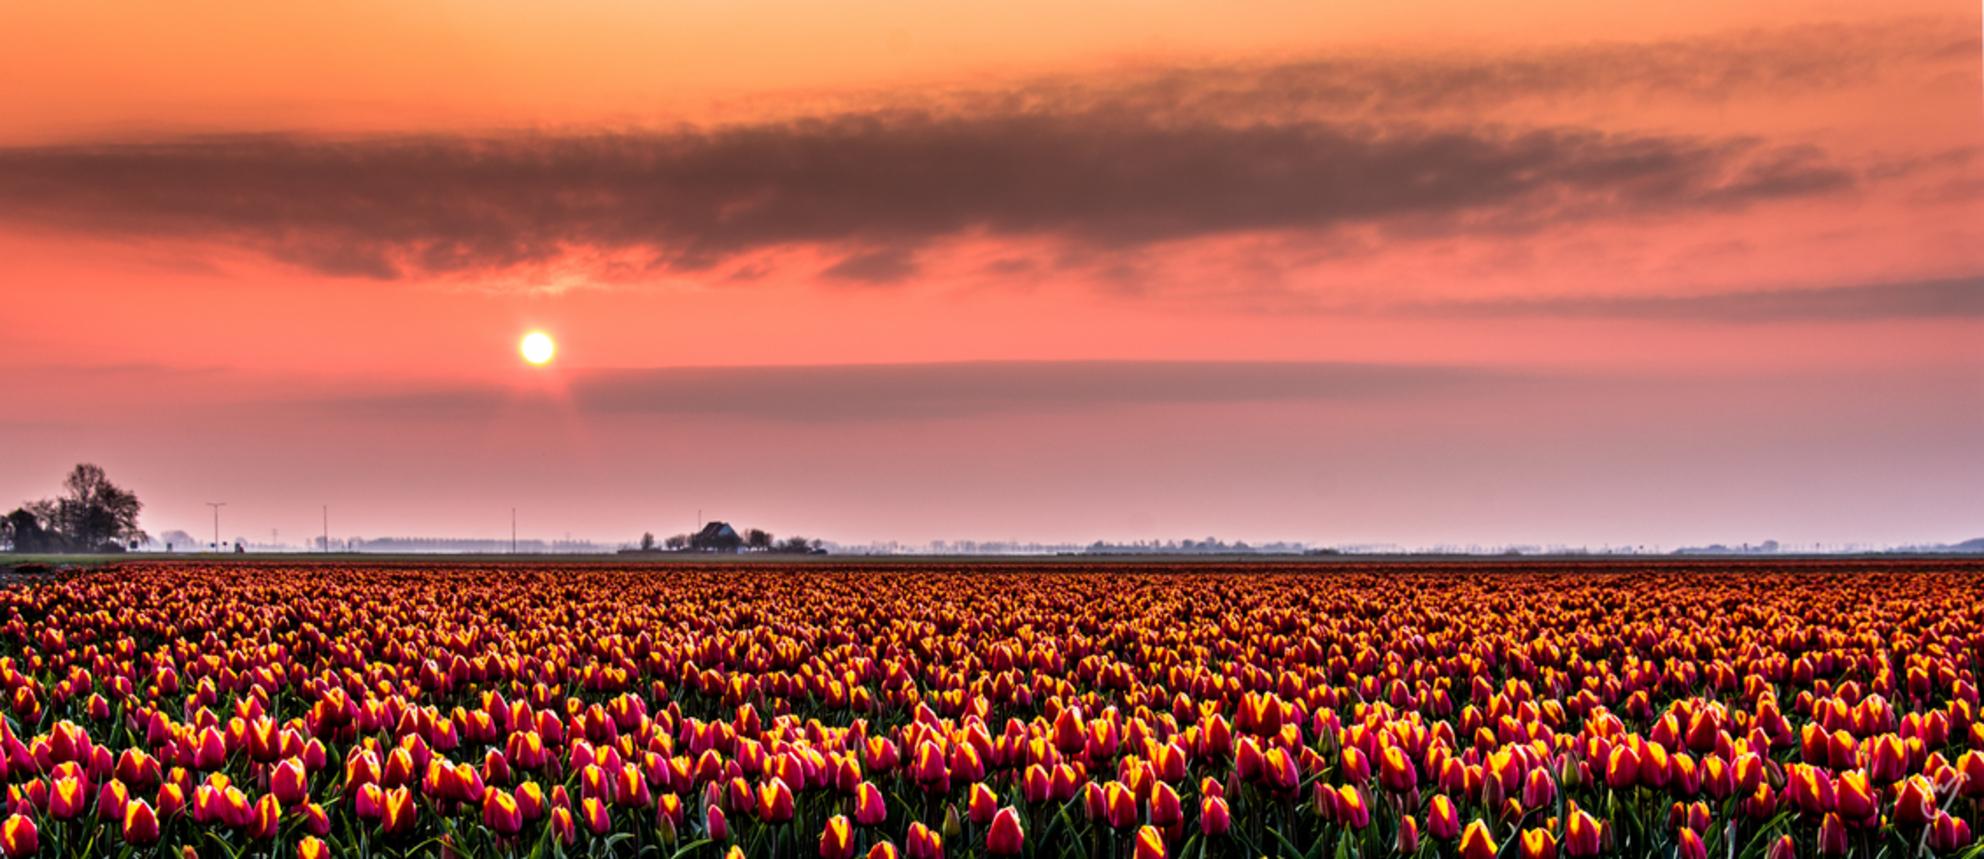 veld vol zonnetjes - - - foto door wardkeijzer op 18-02-2020 - deze foto bevat: lucht, wolken, panorama, lente, licht, vakantie, landschap, mist, tegenlicht, zonsopkomst, sfeer, polder, tulpenveld - Deze foto mag gebruikt worden in een Zoom.nl publicatie